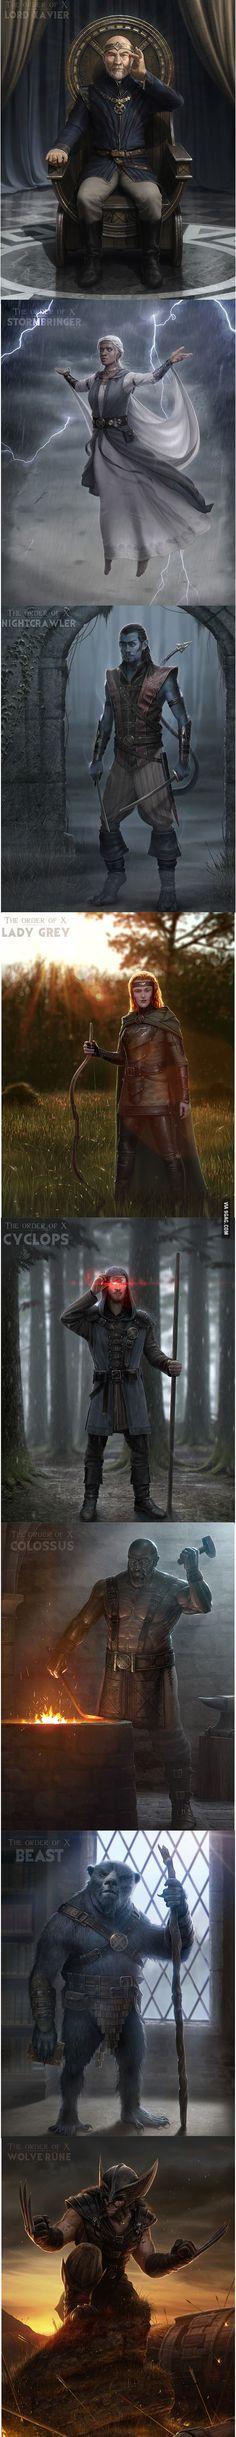 X-Men como personajes medievales